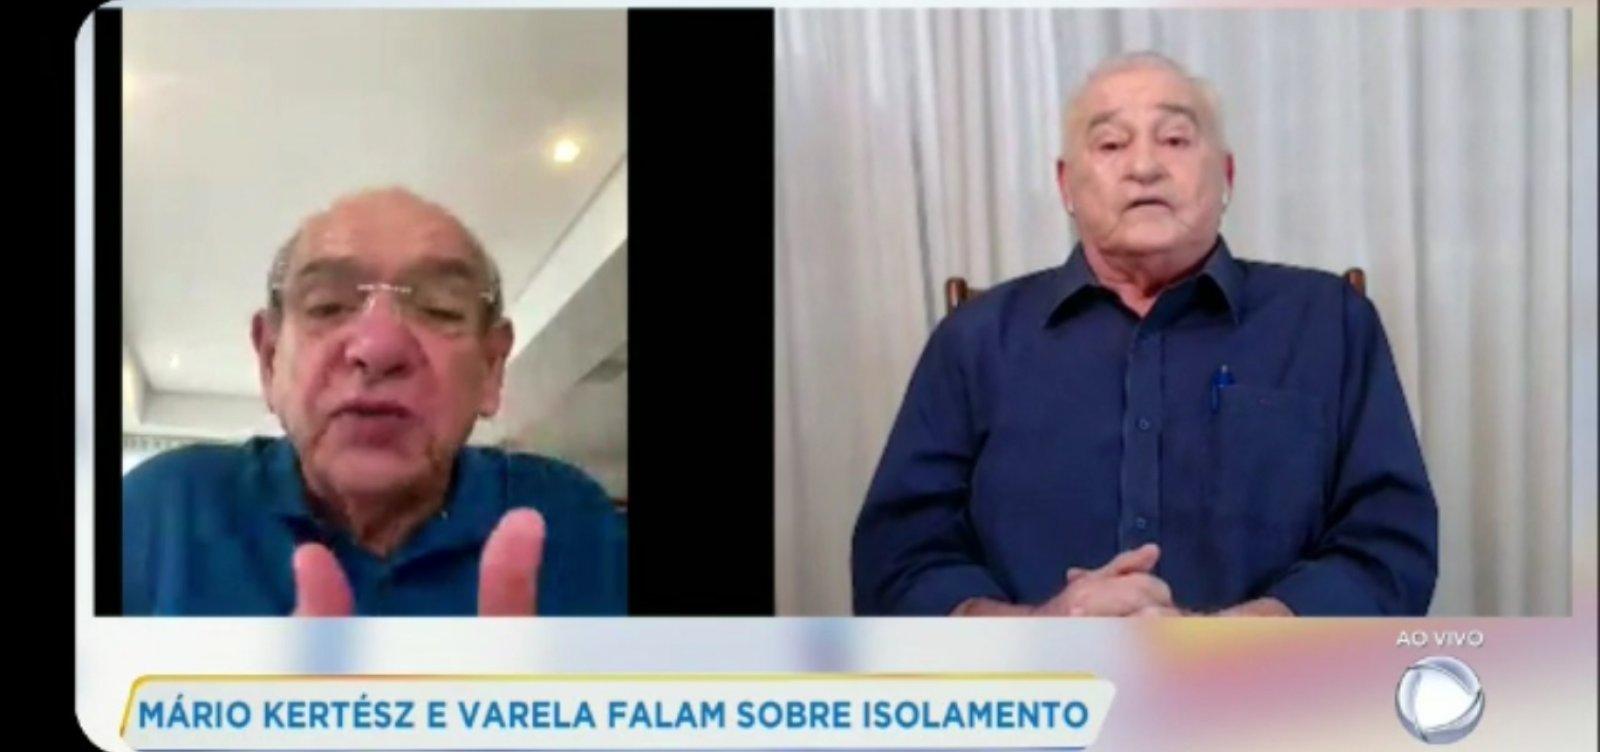 [Mário Kertész e Raimundo Varela fazem transmissão conjunta e defendem isolamento social]